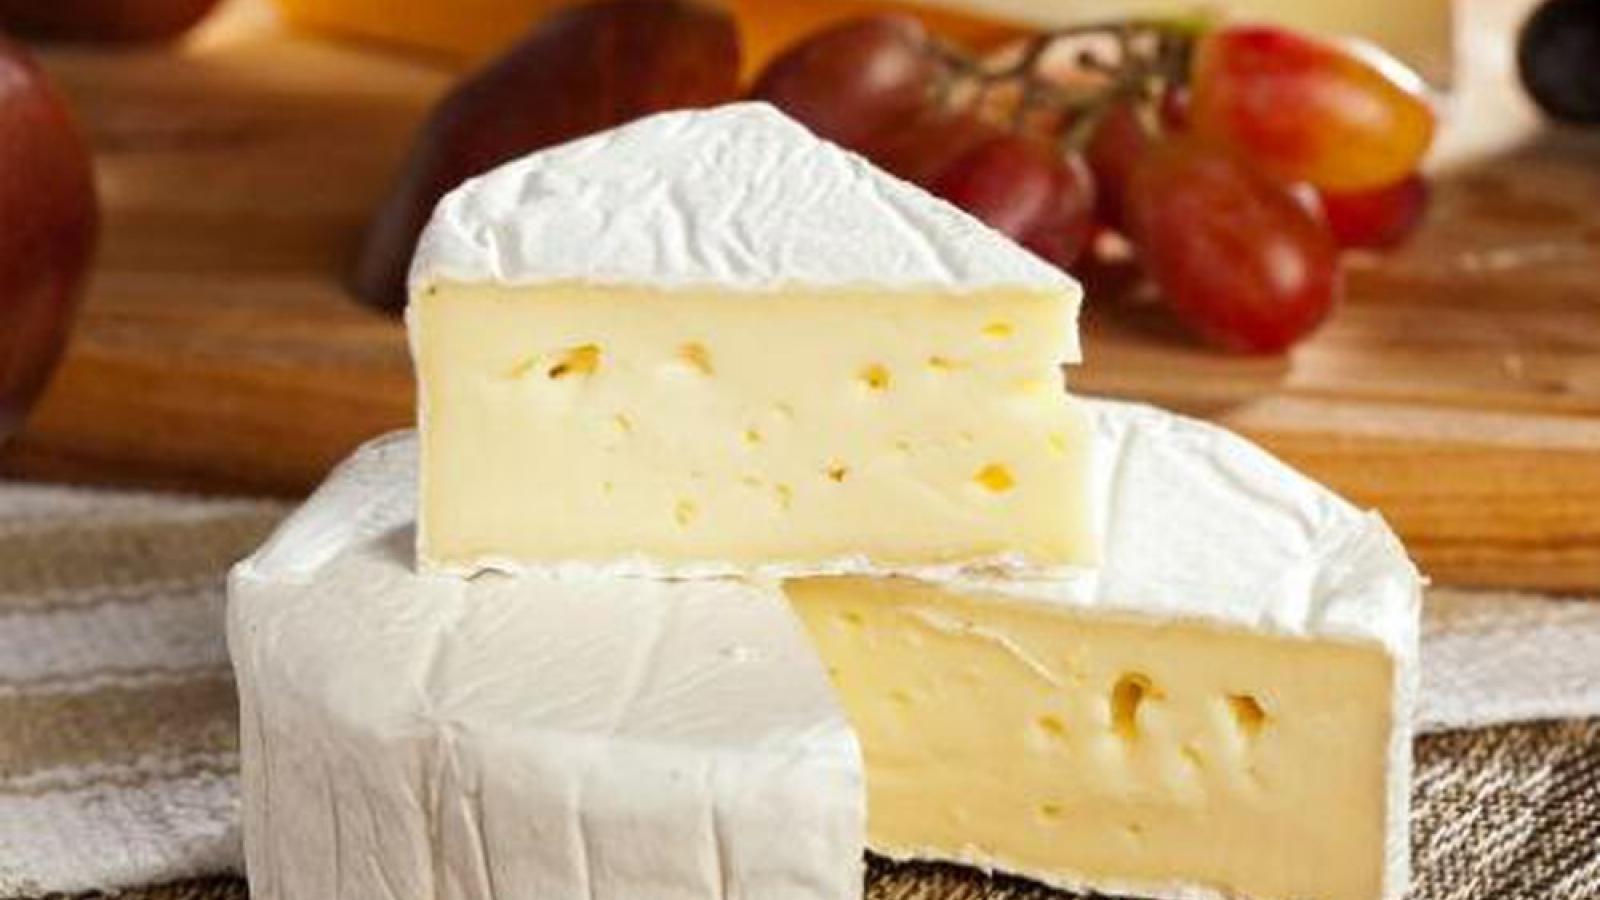 Bí quyết bảo quản thực phẩm tươi ngon lâu hơn